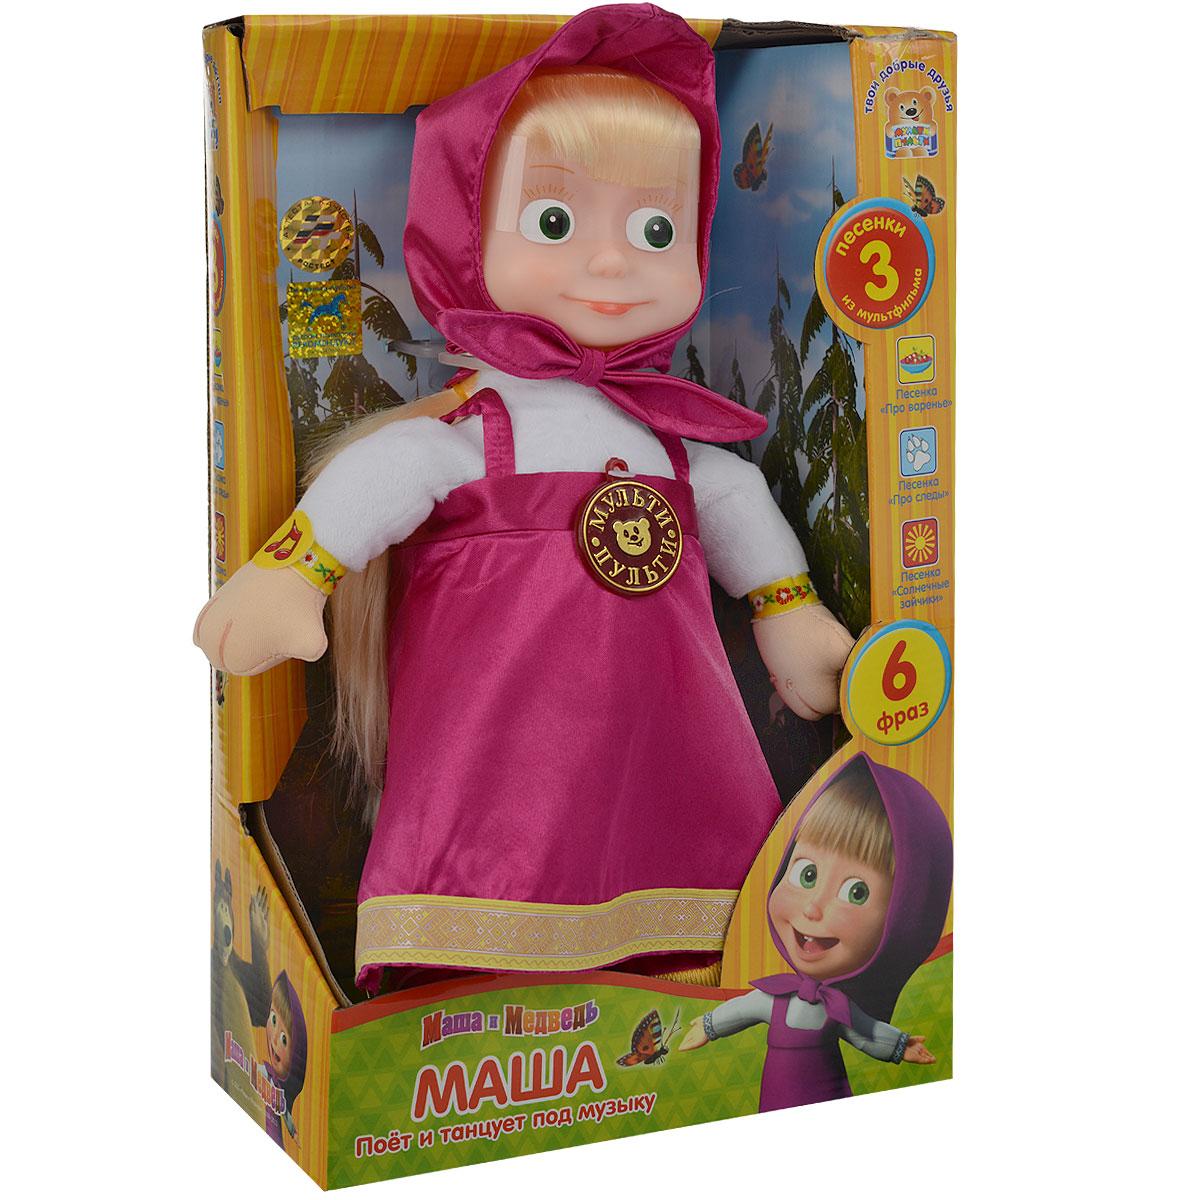 Анимированная игрушка Мульти-Пульти Маша танцует, 30 смV91247/30Маша танцует - анимированная игрушка, выполненная в виде главной героини популярного мультсериала Маша и Медведь, вызовет улыбку у каждого, кто ее увидит. Одета она в свой любимый лиловый сарафан, на голове повязан платочек такого же цвета, под ним - длинные светлые волосы, заплетенные в косу. Если нажать игрушке на животик, Маша произнесет одну из шести фраз своей героини или споет одну из песенок из мультфильма: Про варенье, Про следы или Солнечные зайчики. Во время исполнения песенок Маша раскачивается из стороны в сторону. Эта анимированная игрушка придется по душе маленькому любителю сериала про приключения Маши!